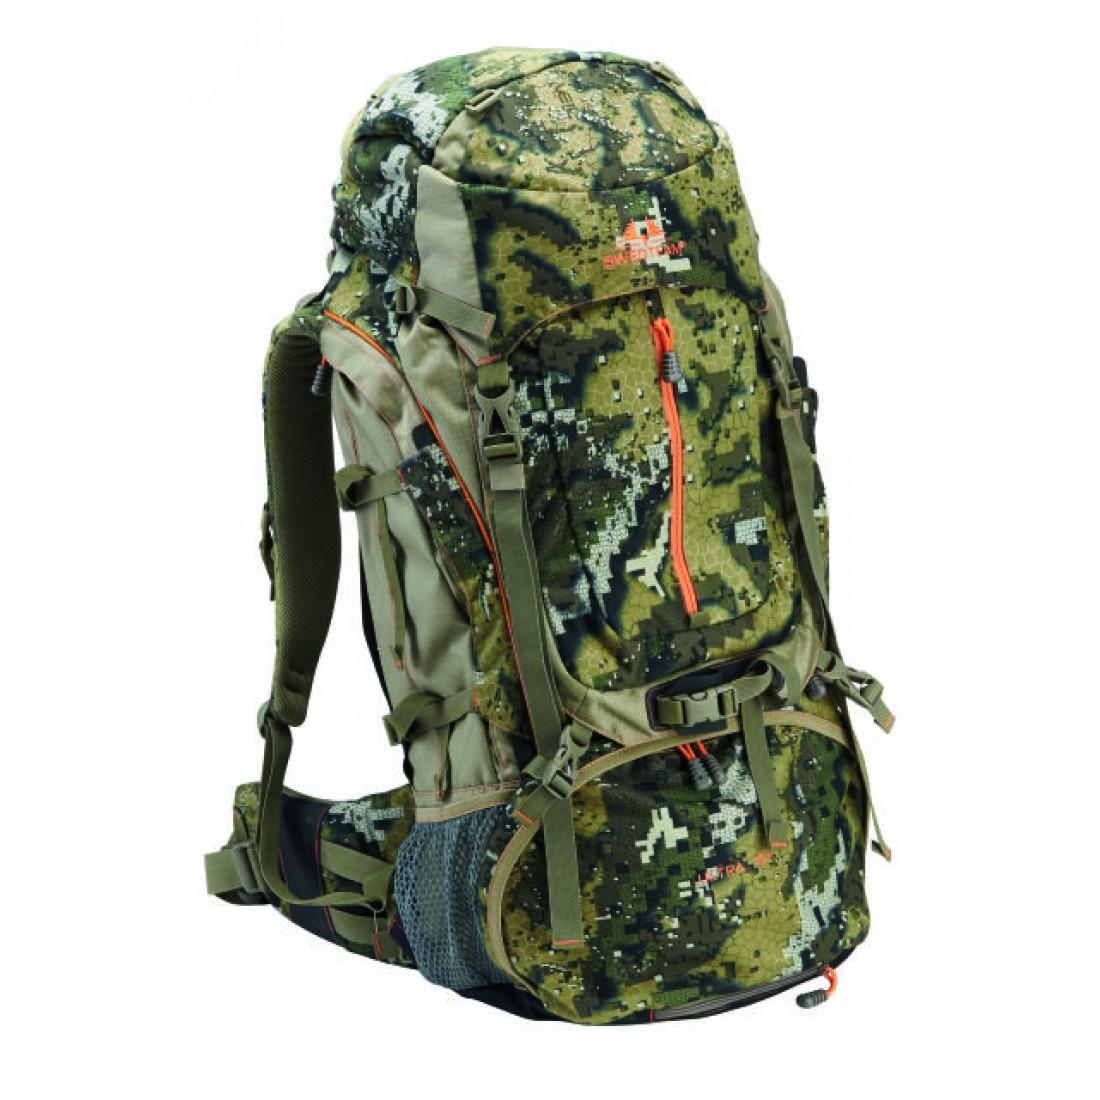 Bästa jaktryggsäcken 2019 – Ta med smart packning på jaktäventyret ... f55914c198081